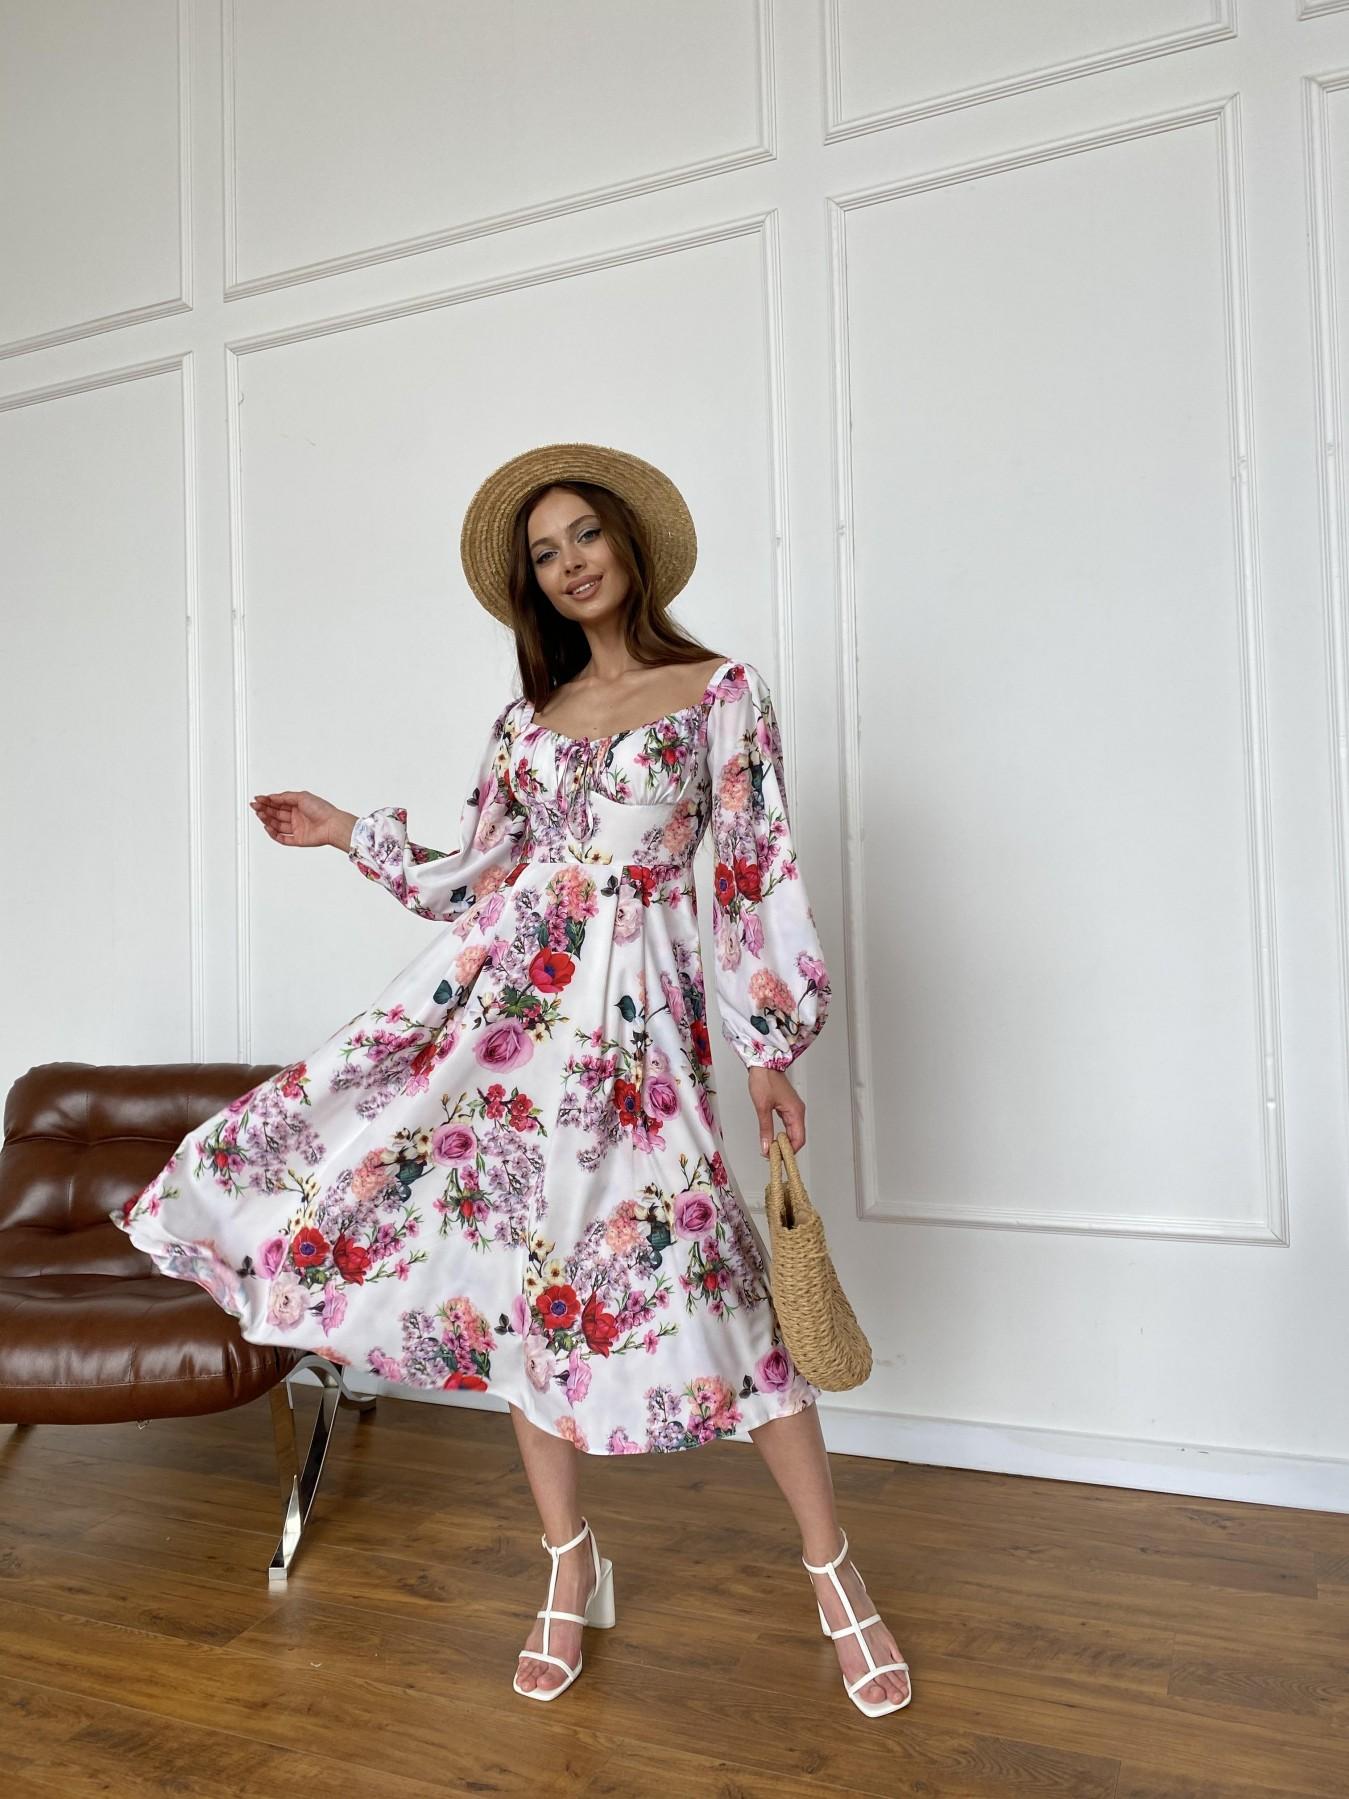 Натали платье софт принт бистрейч 11196 АРТ. 47830 Цвет: ВесенБукетМол/Роз/Крас - фото 1, интернет магазин tm-modus.ru